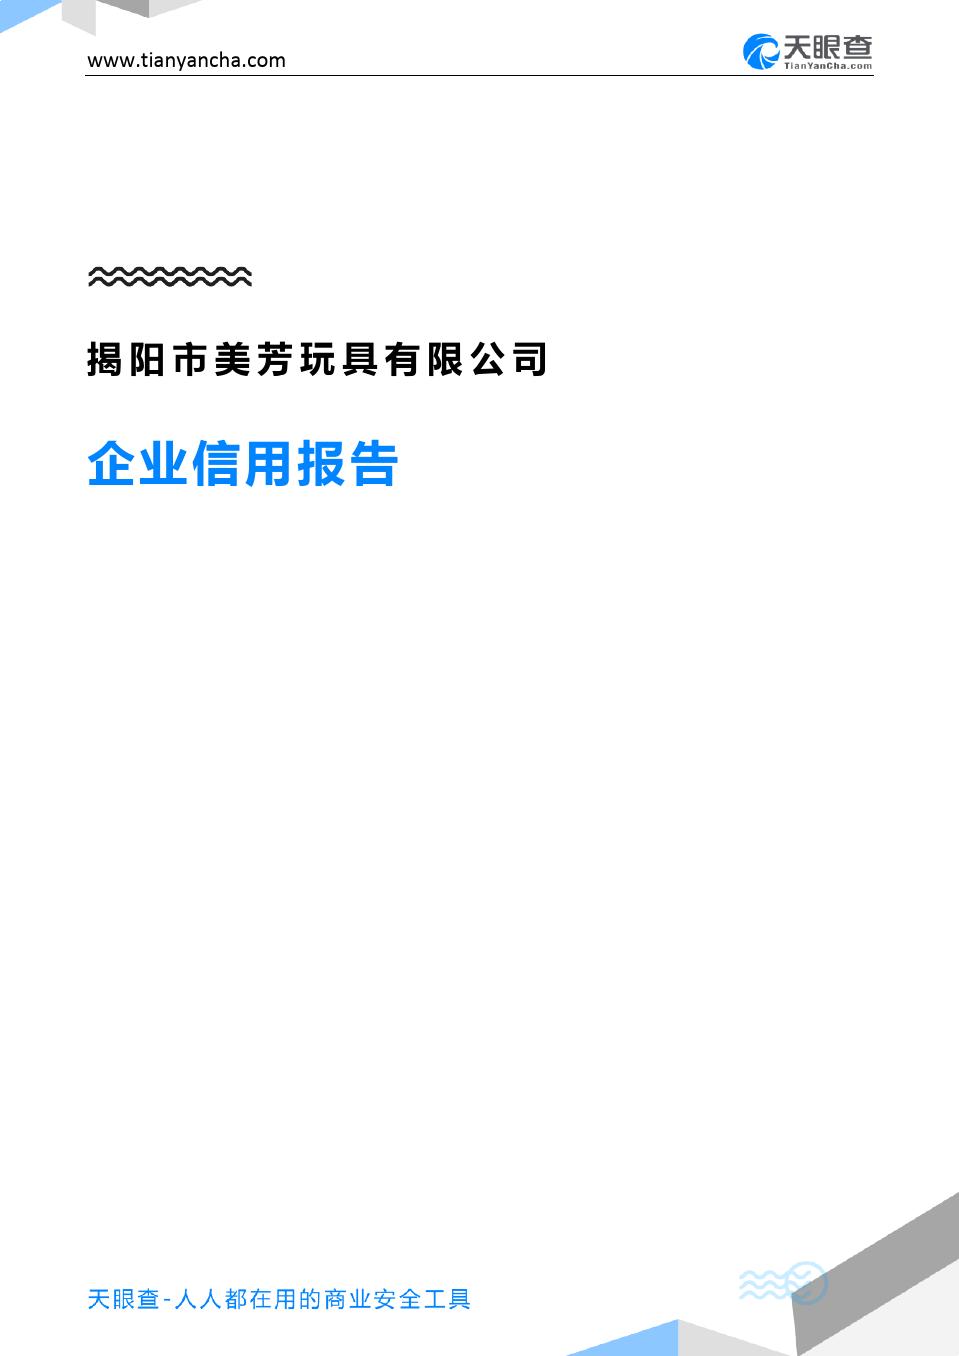 揭阳市美芳玩具有限公司(企业信用报告)- 天眼查